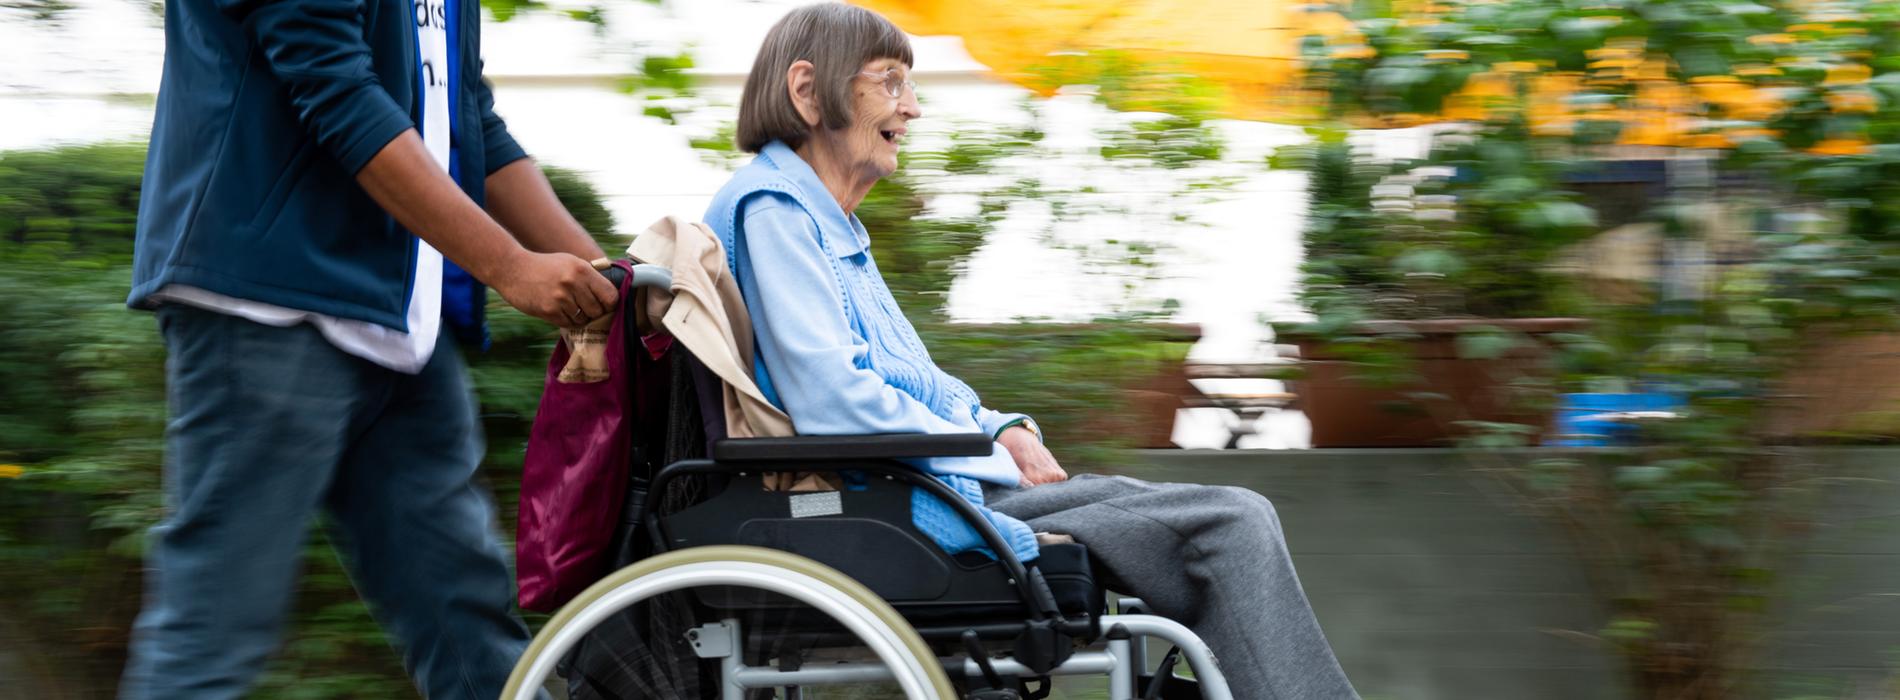 Mobilitätshilfedienst in Spandau, Mobilitätshilfedienst